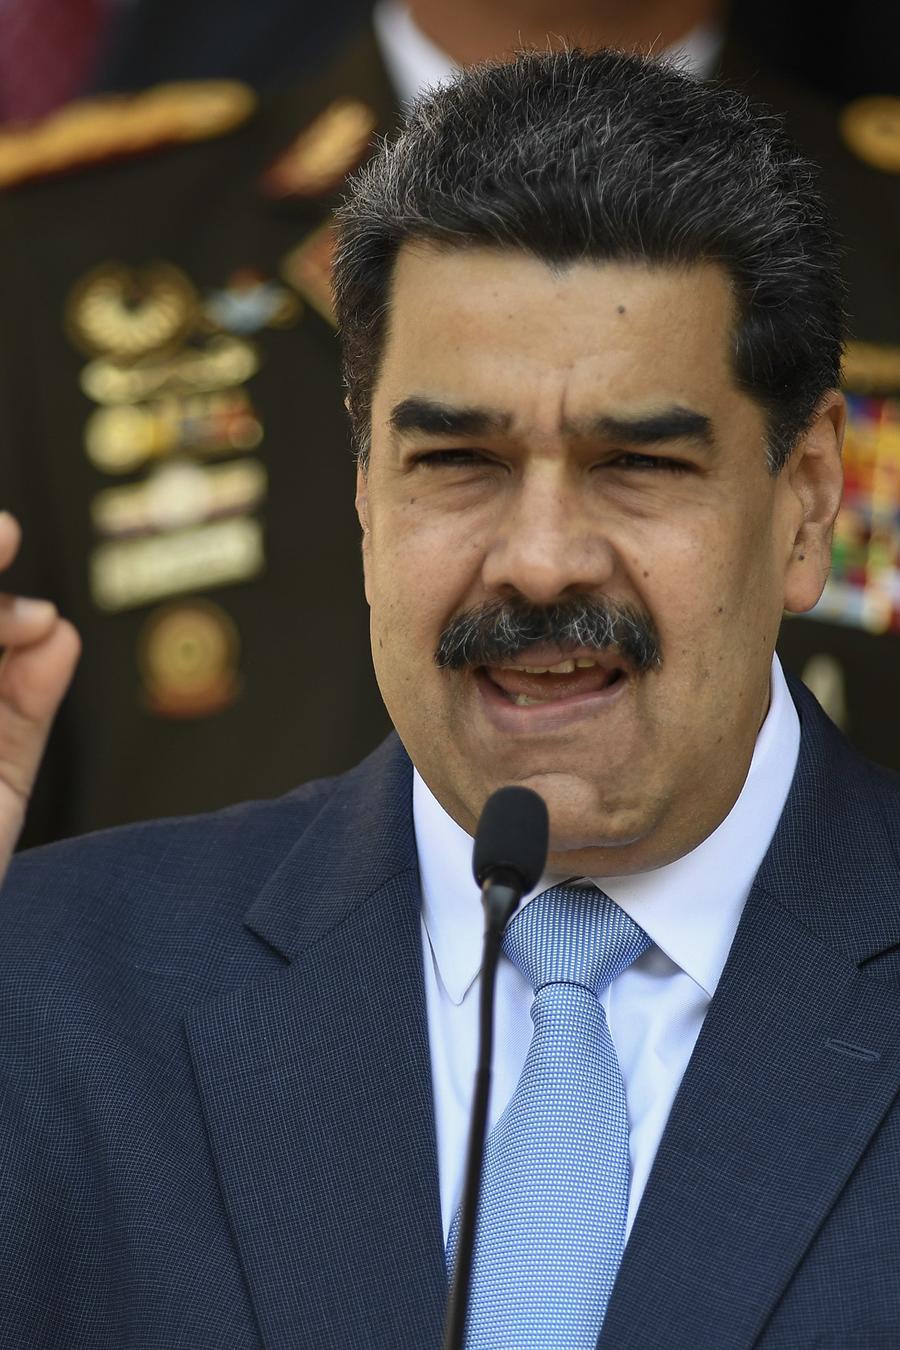 El presidente venezolano Nicolás Maduro durante una conferencia de prensa en el Palacio de Miraflores, el jueves 12 de marzo de 2020.